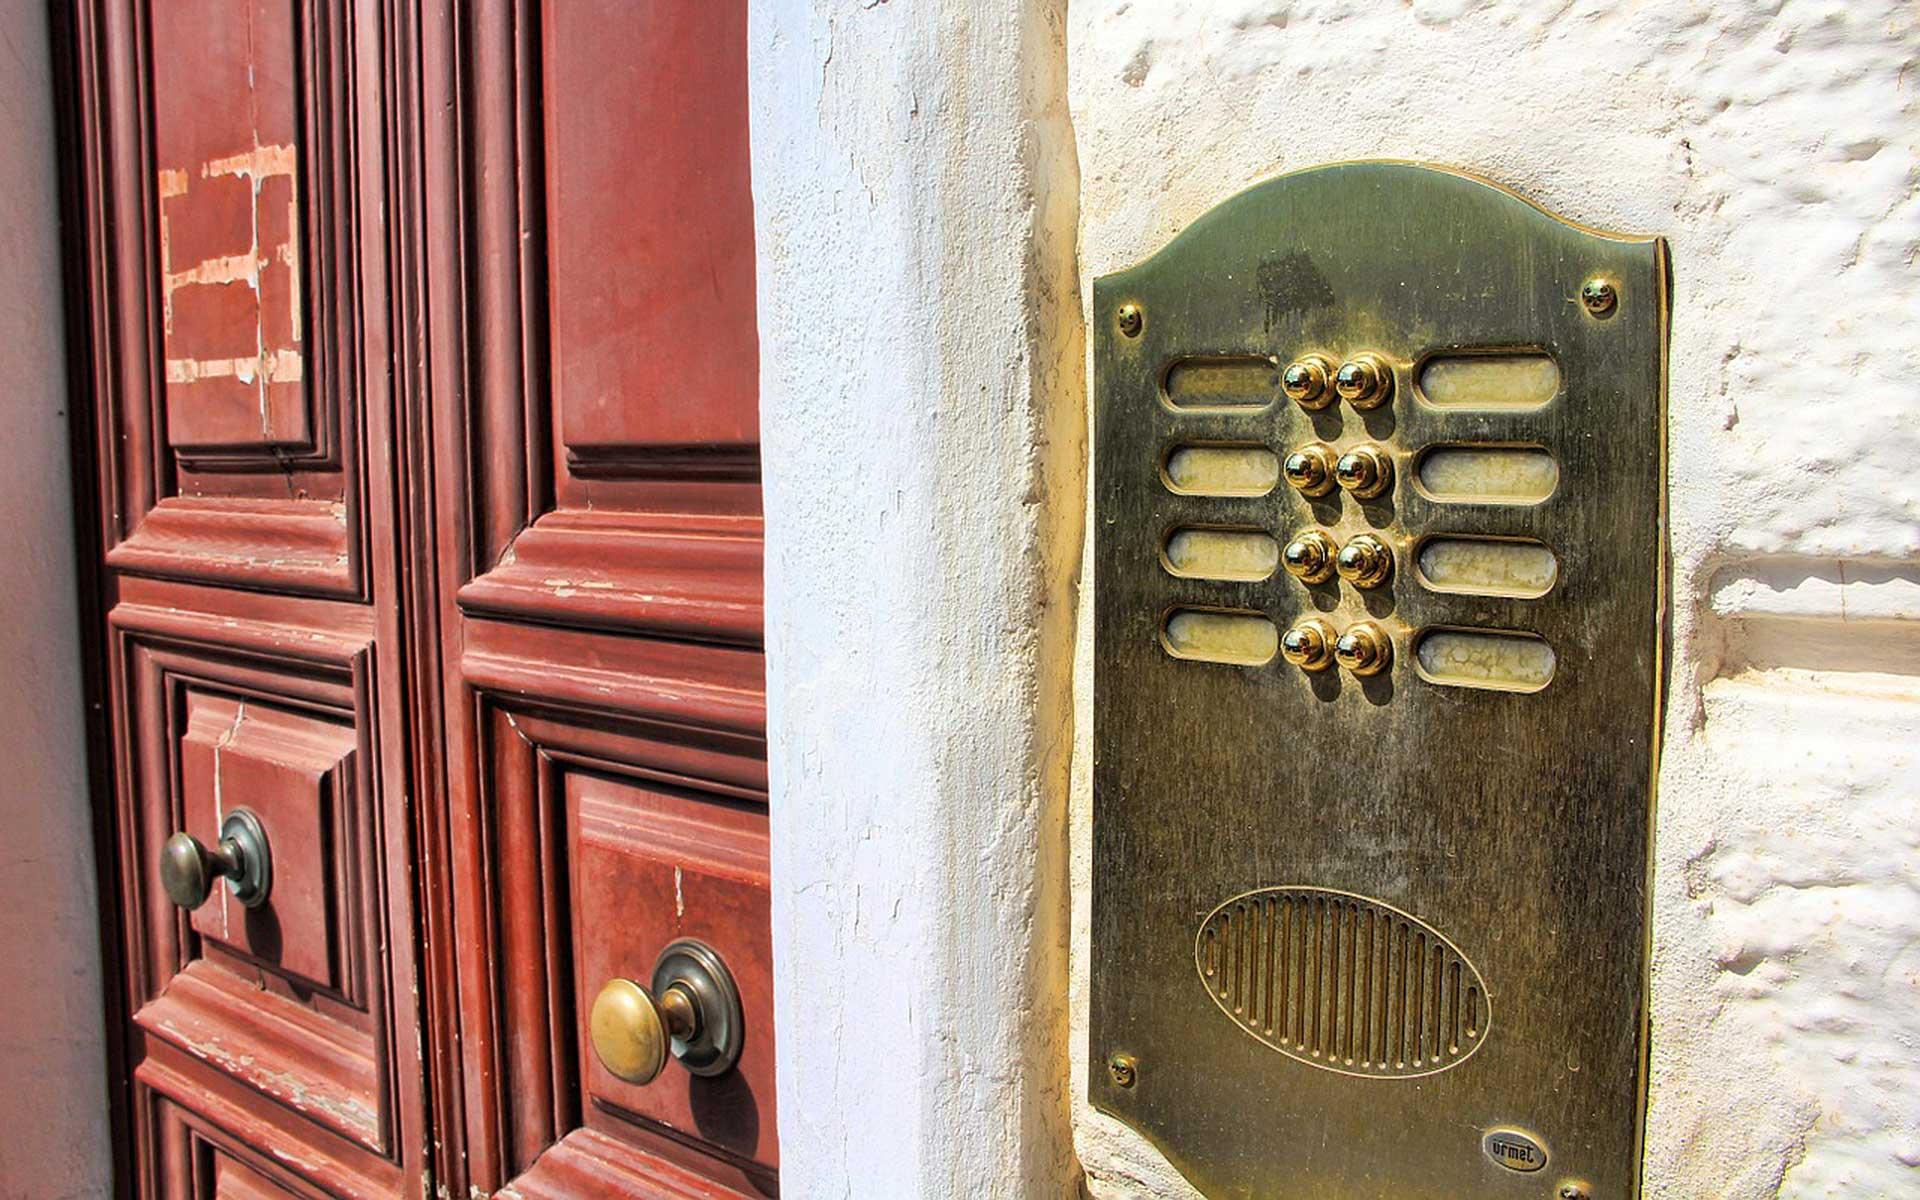 Schöne Schilder für das eigene Haus - Foto: pixabay.com